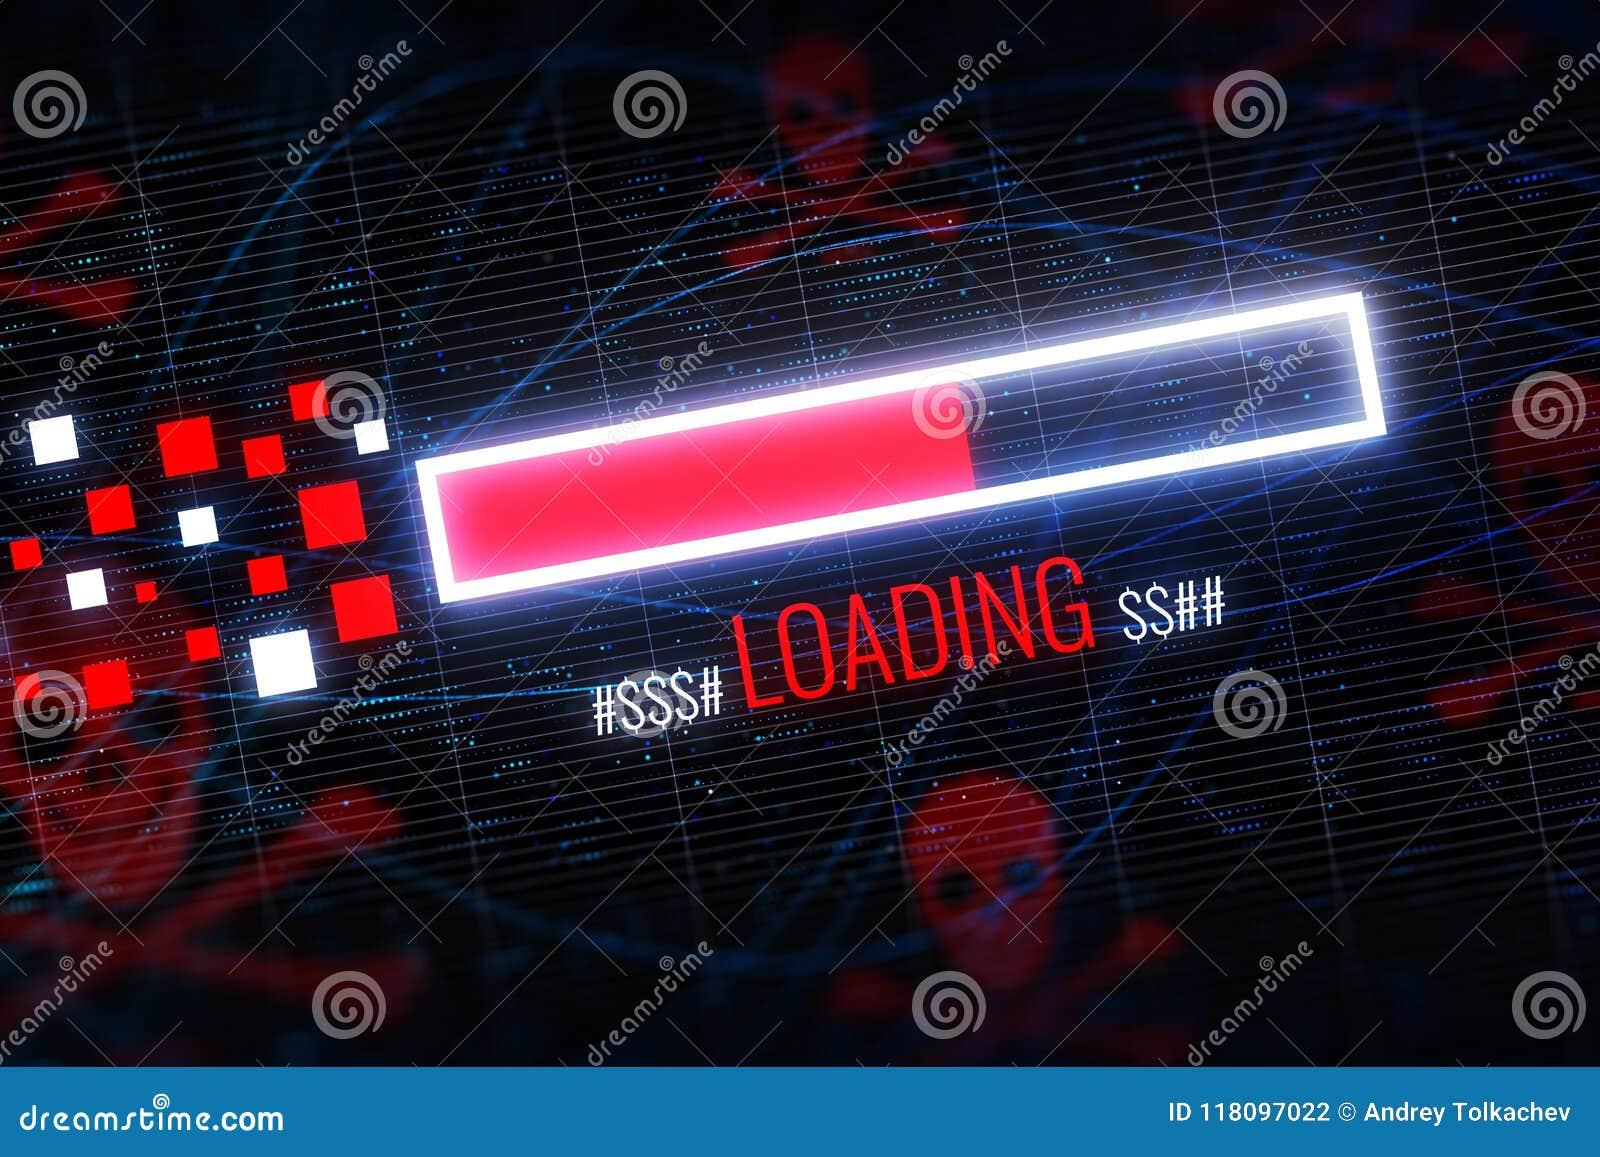 Glowing Digital Skull Wallpaper Stock Illustration Illustration Of Dollar Internet 118097022